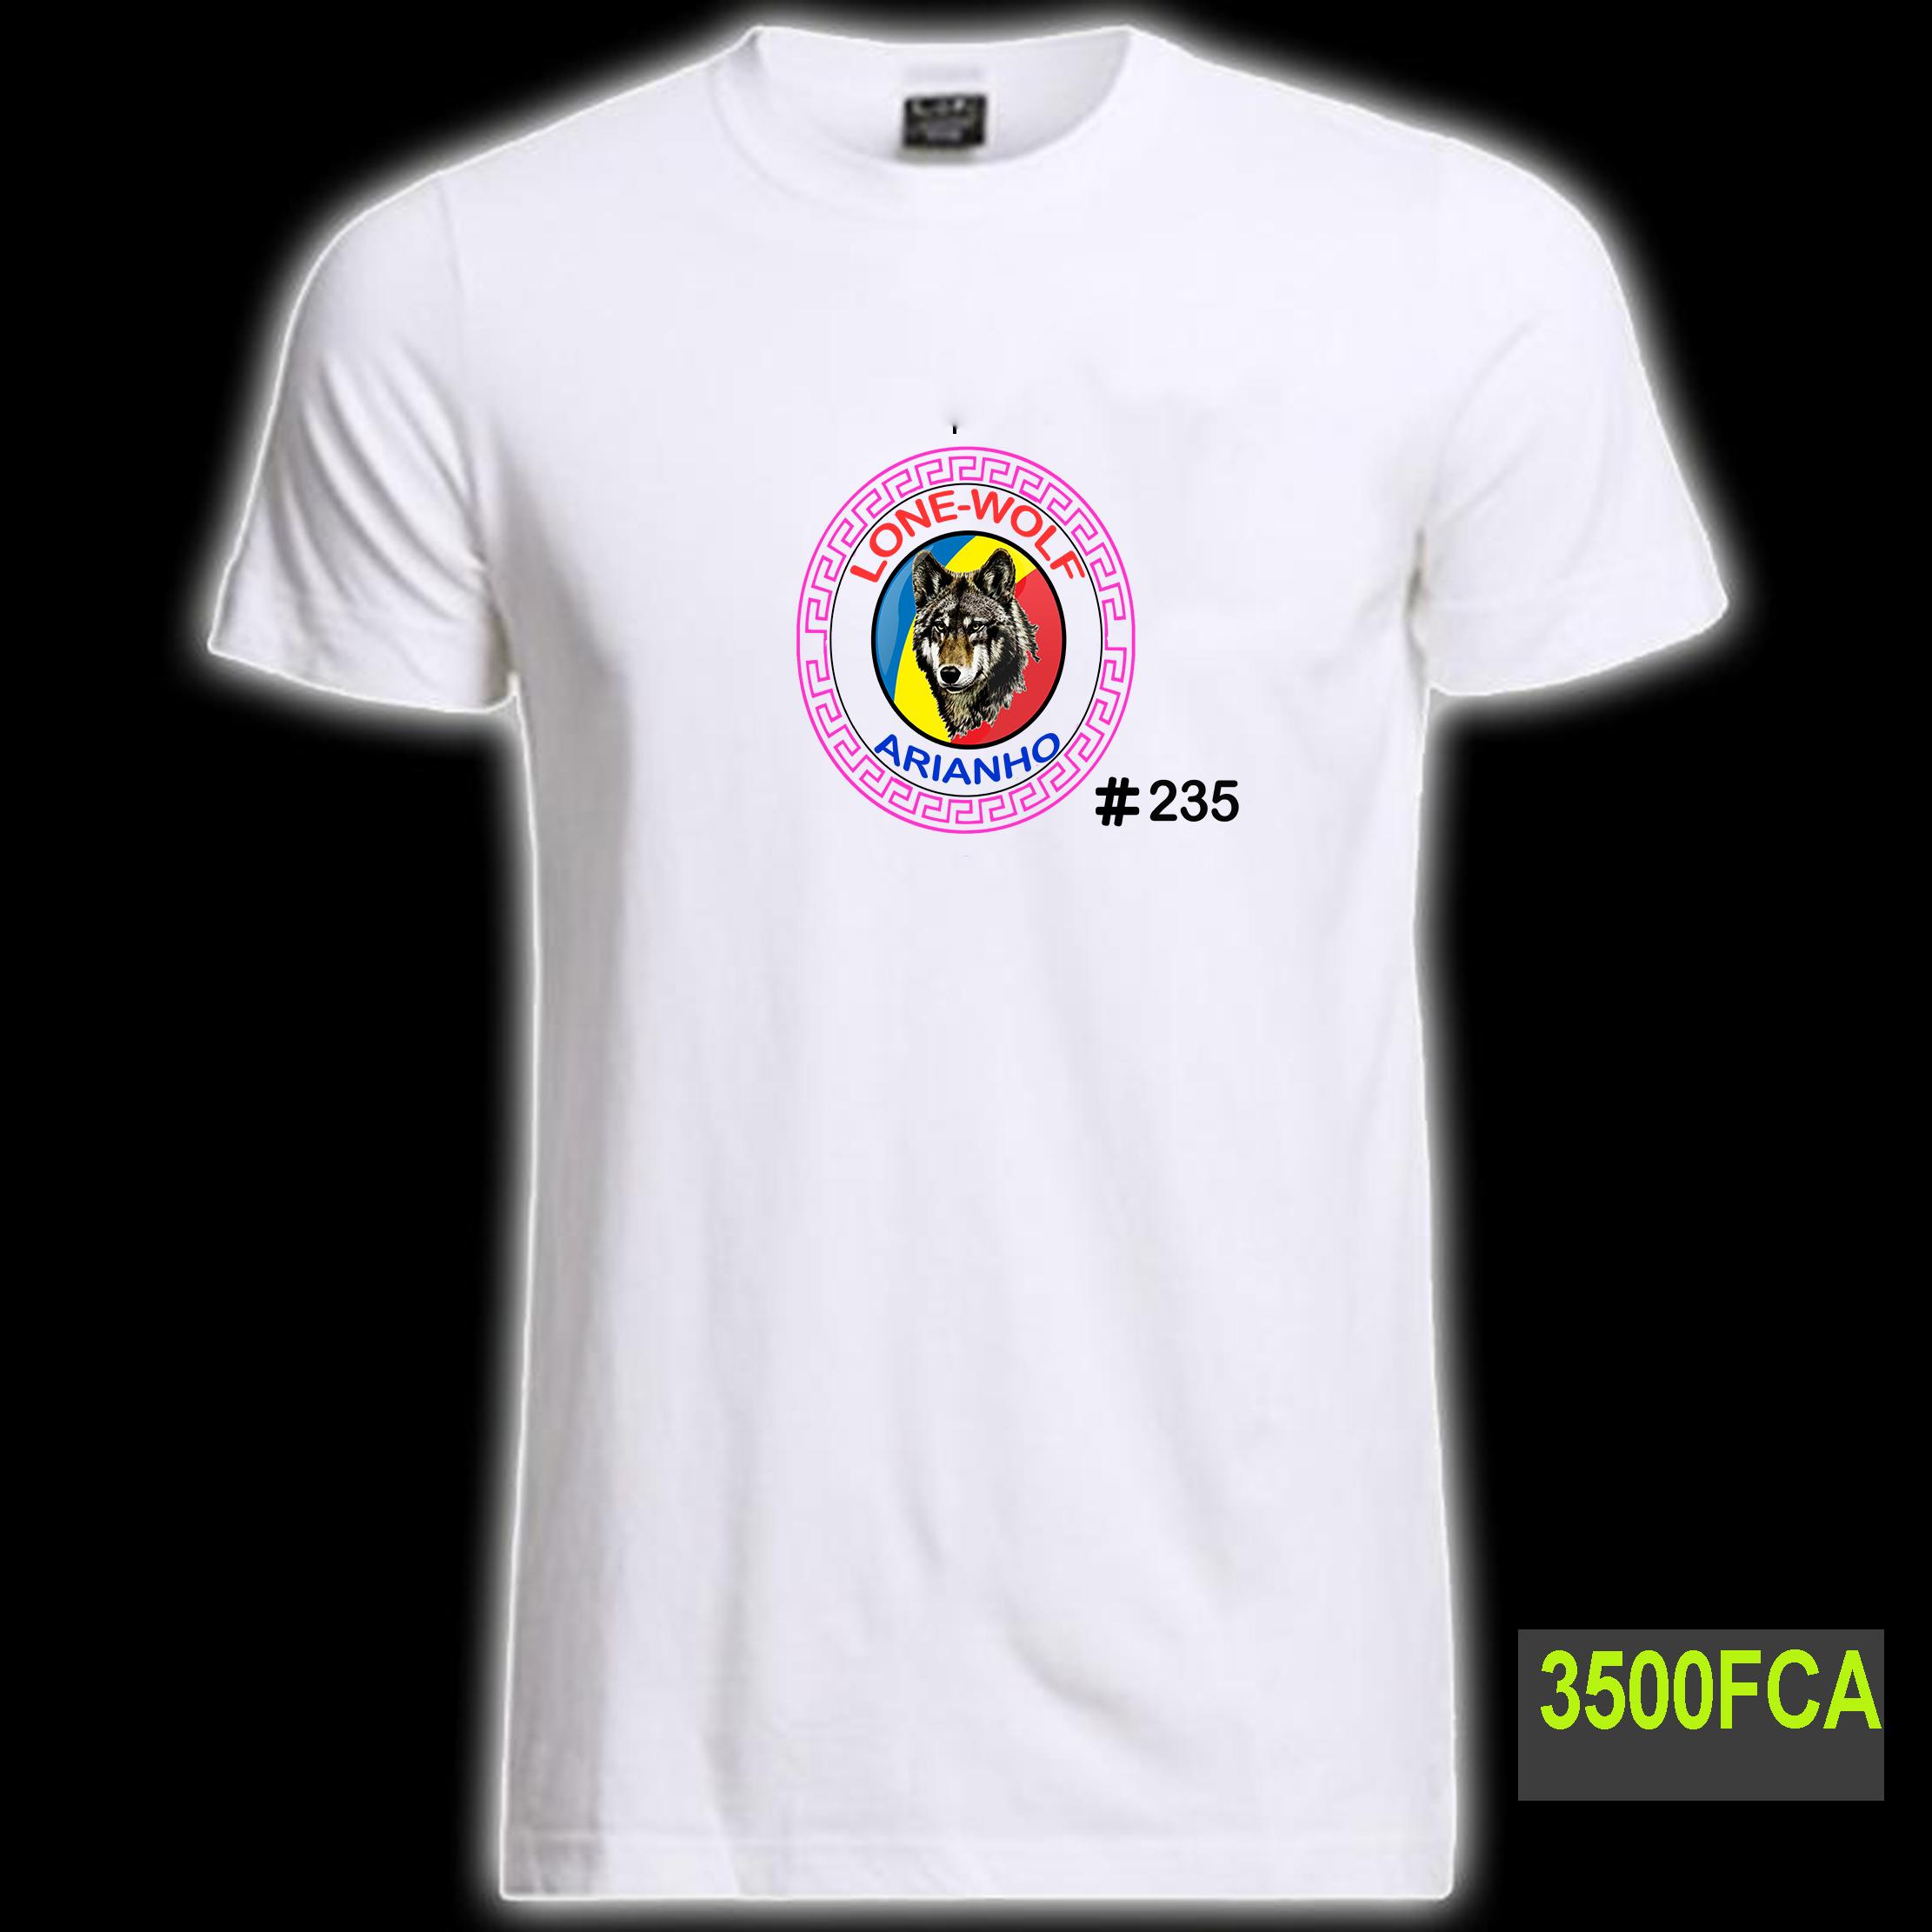 3500 FCFA